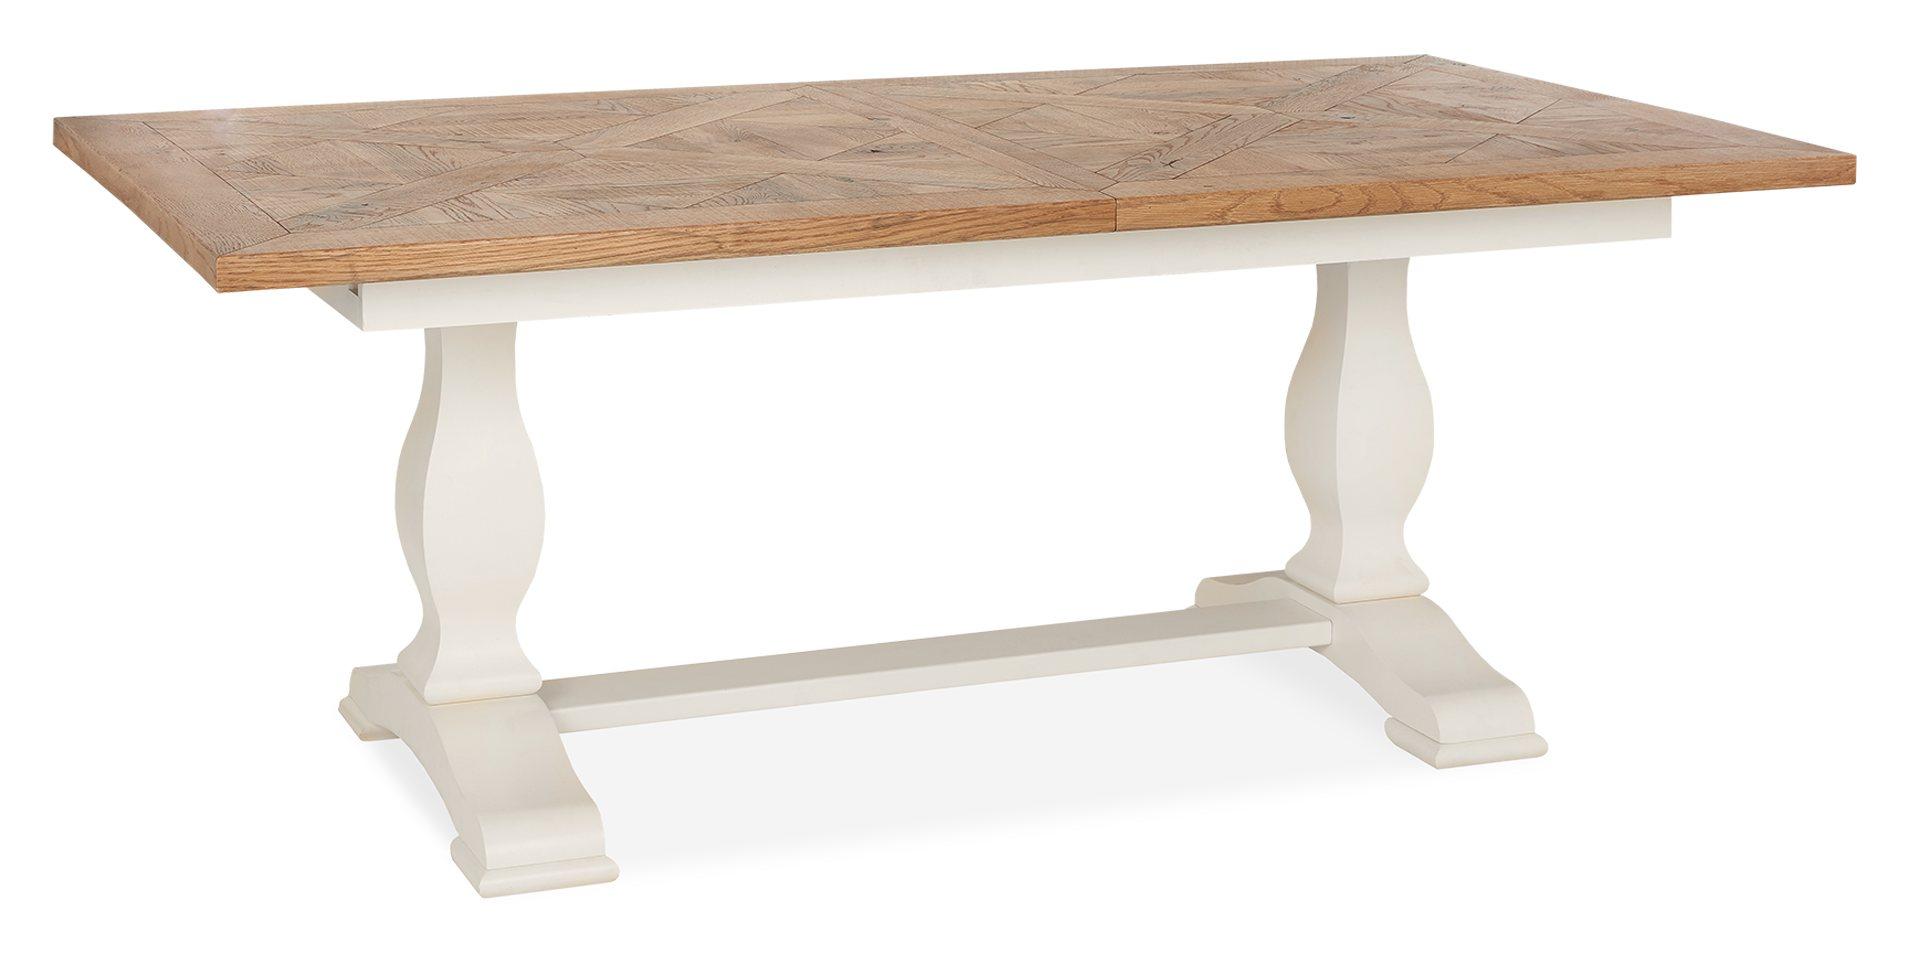 HIGHLAND EXTENDING TABLE CLOSED - L190cm x D100cm x H76cm